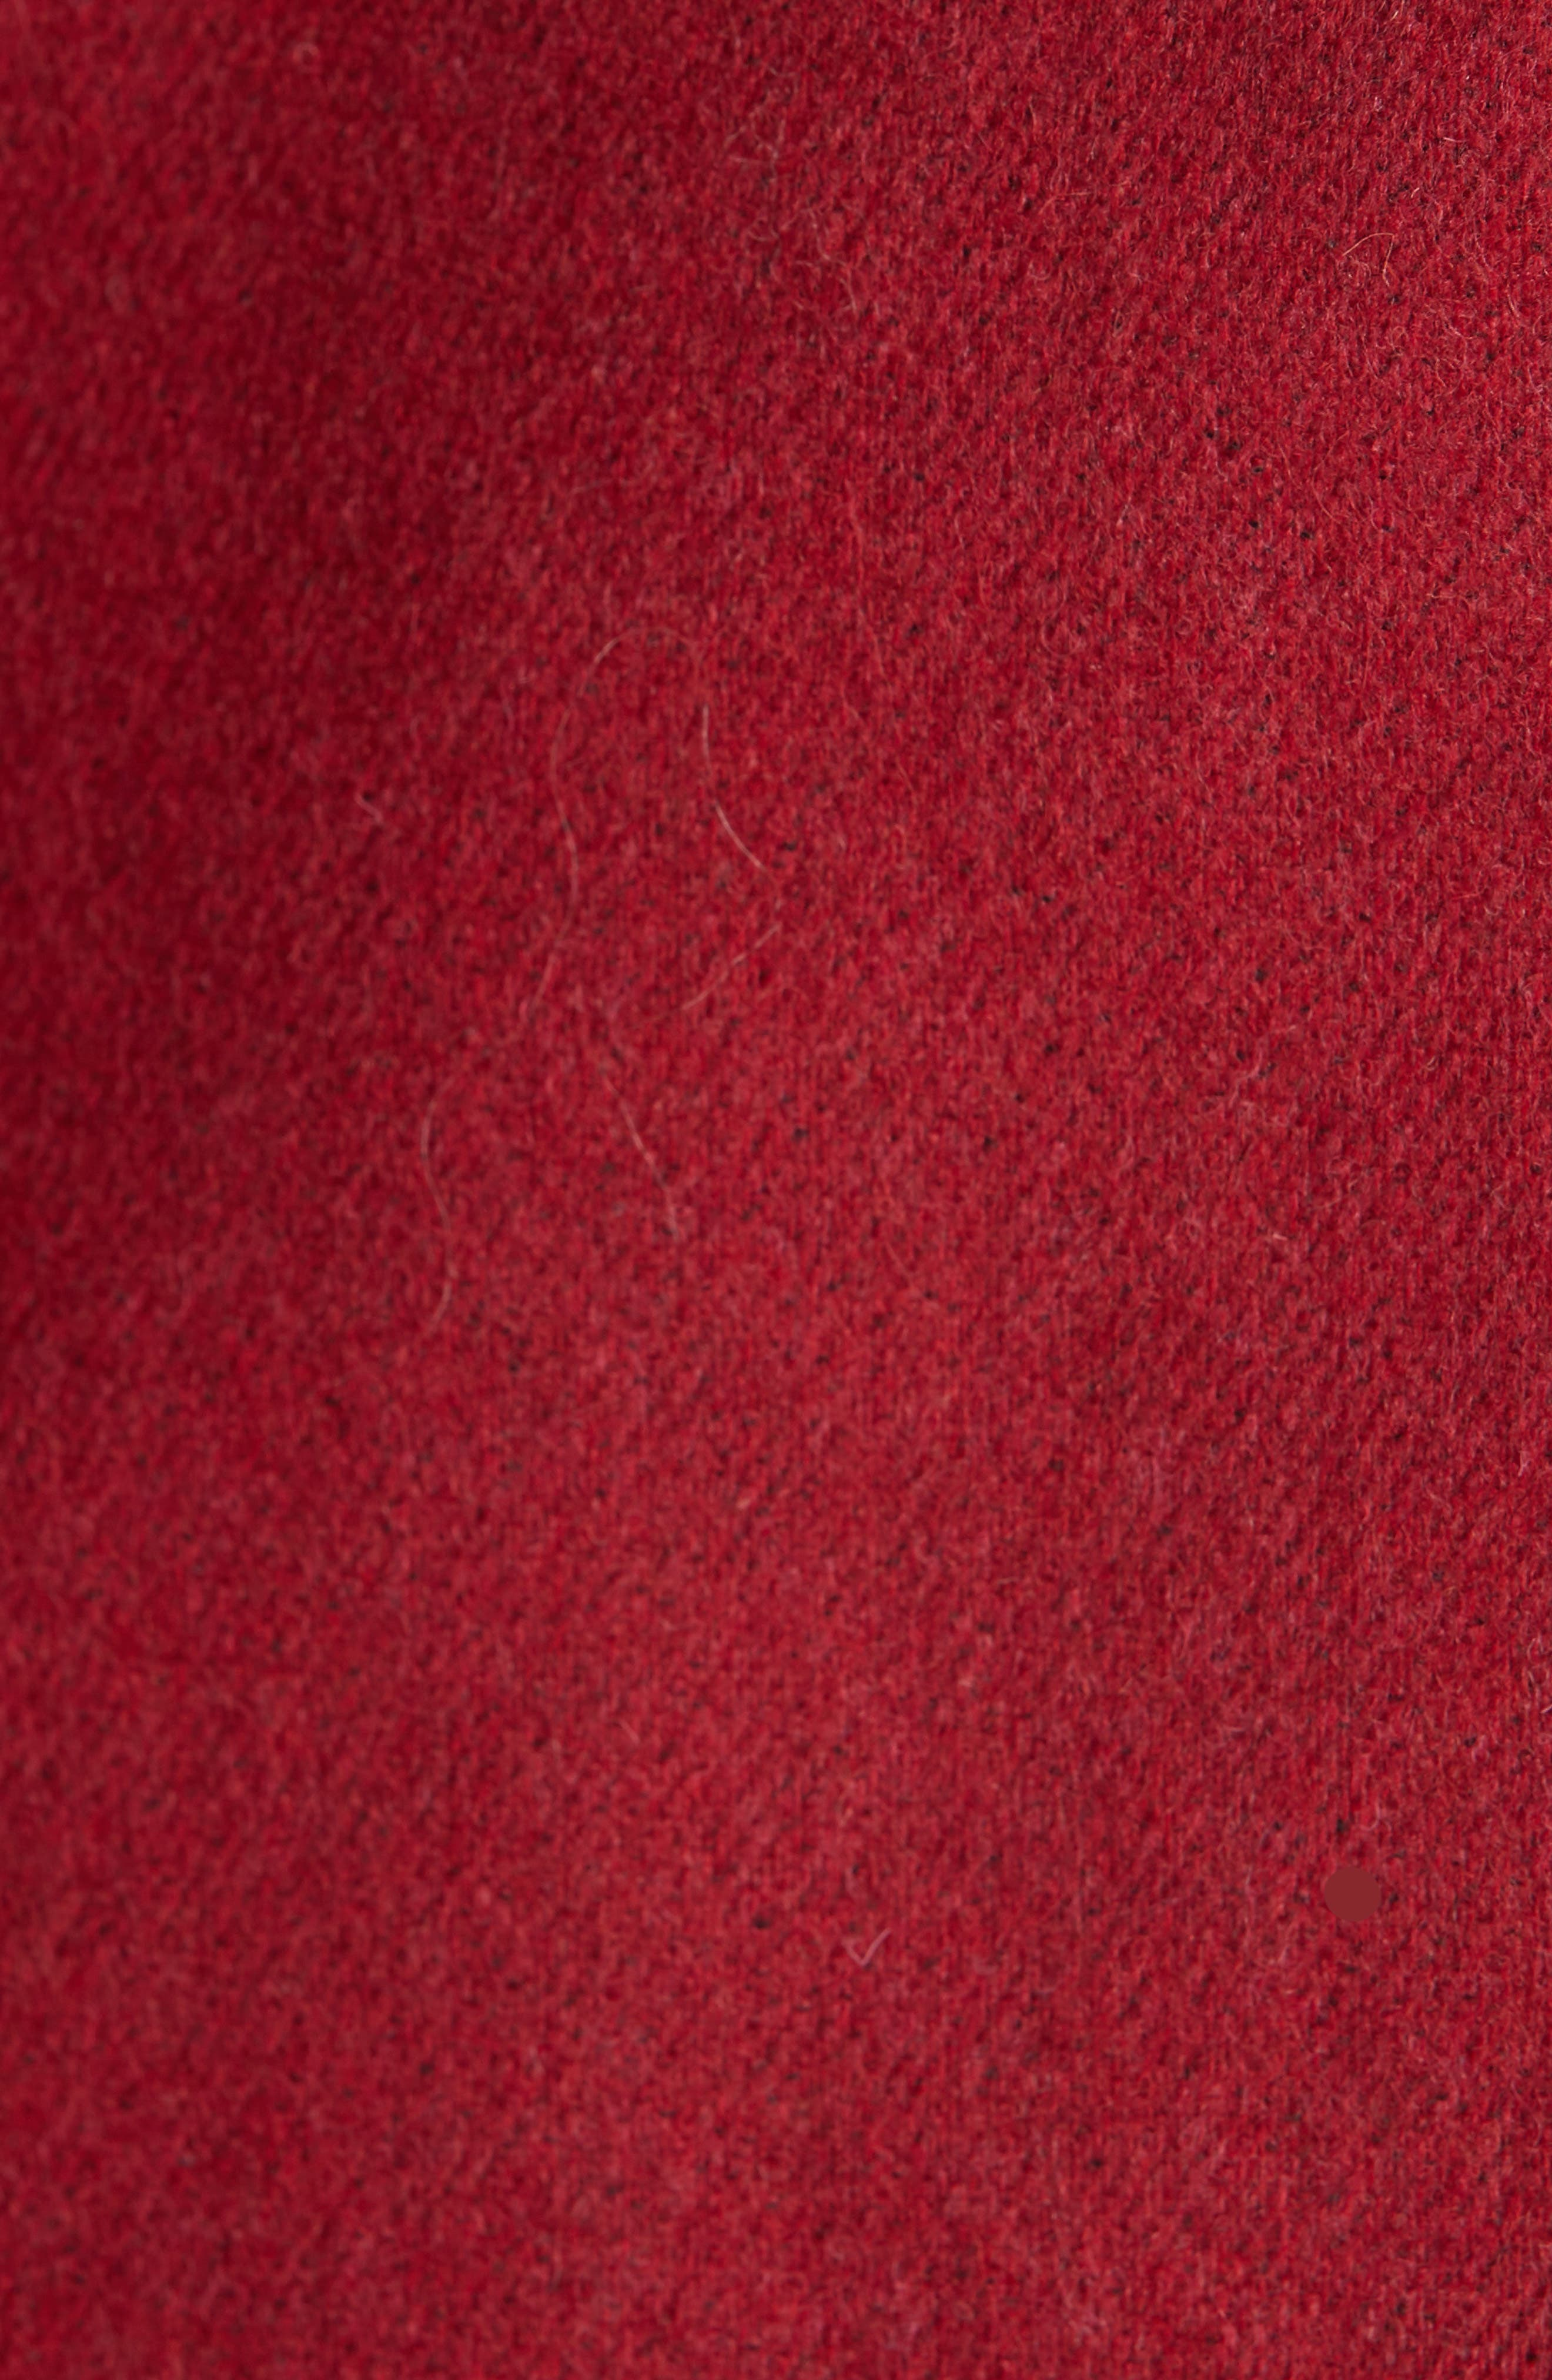 Lexington Wool Blend Blazer,                             Alternate thumbnail 5, color,                             RED MELANGE